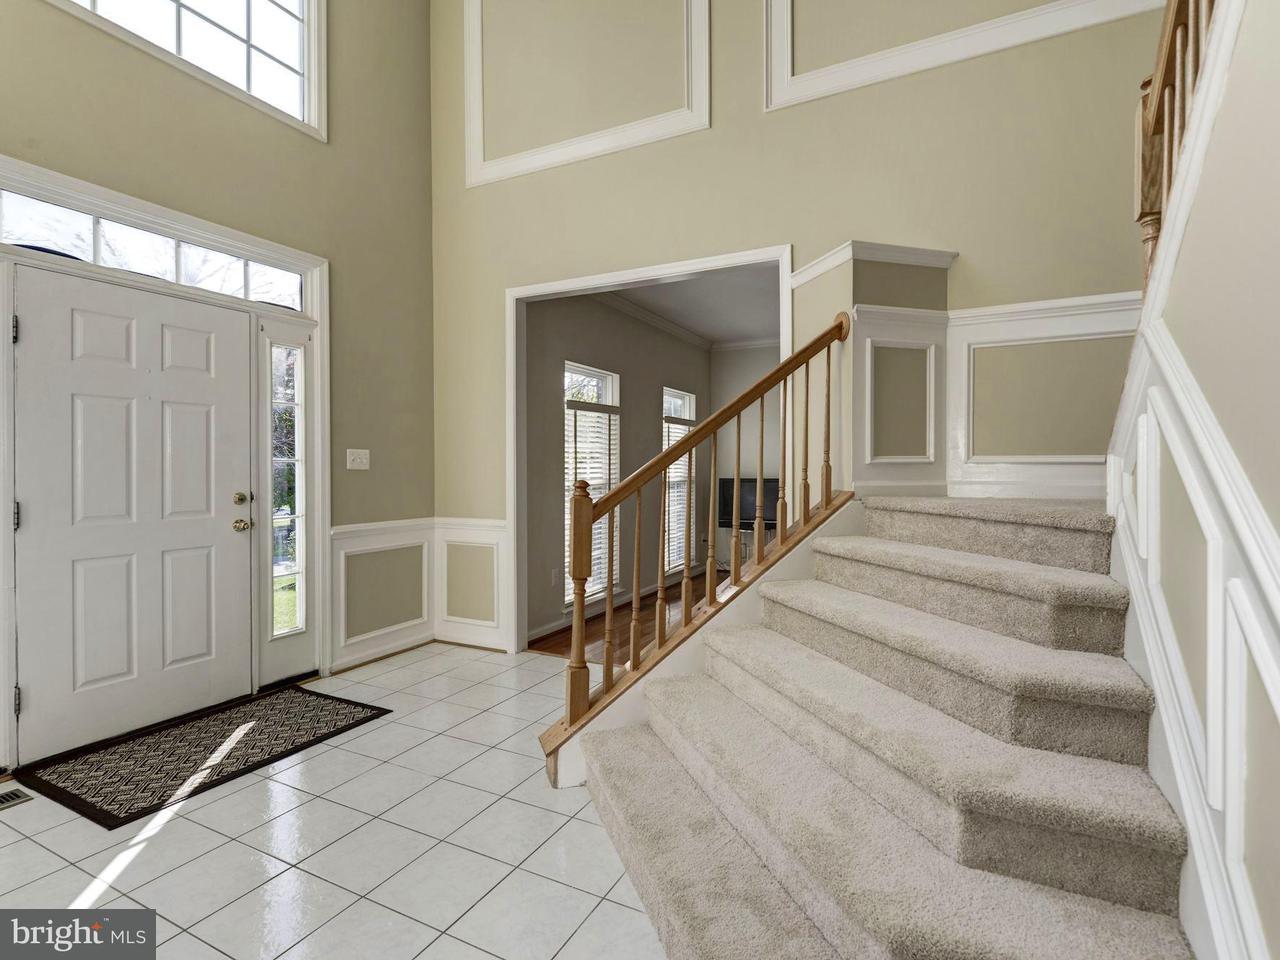 Einfamilienhaus für Verkauf beim 12608 SHOAL CREEK TER 12608 SHOAL CREEK TER Beltsville, Maryland 20705 Vereinigte Staaten